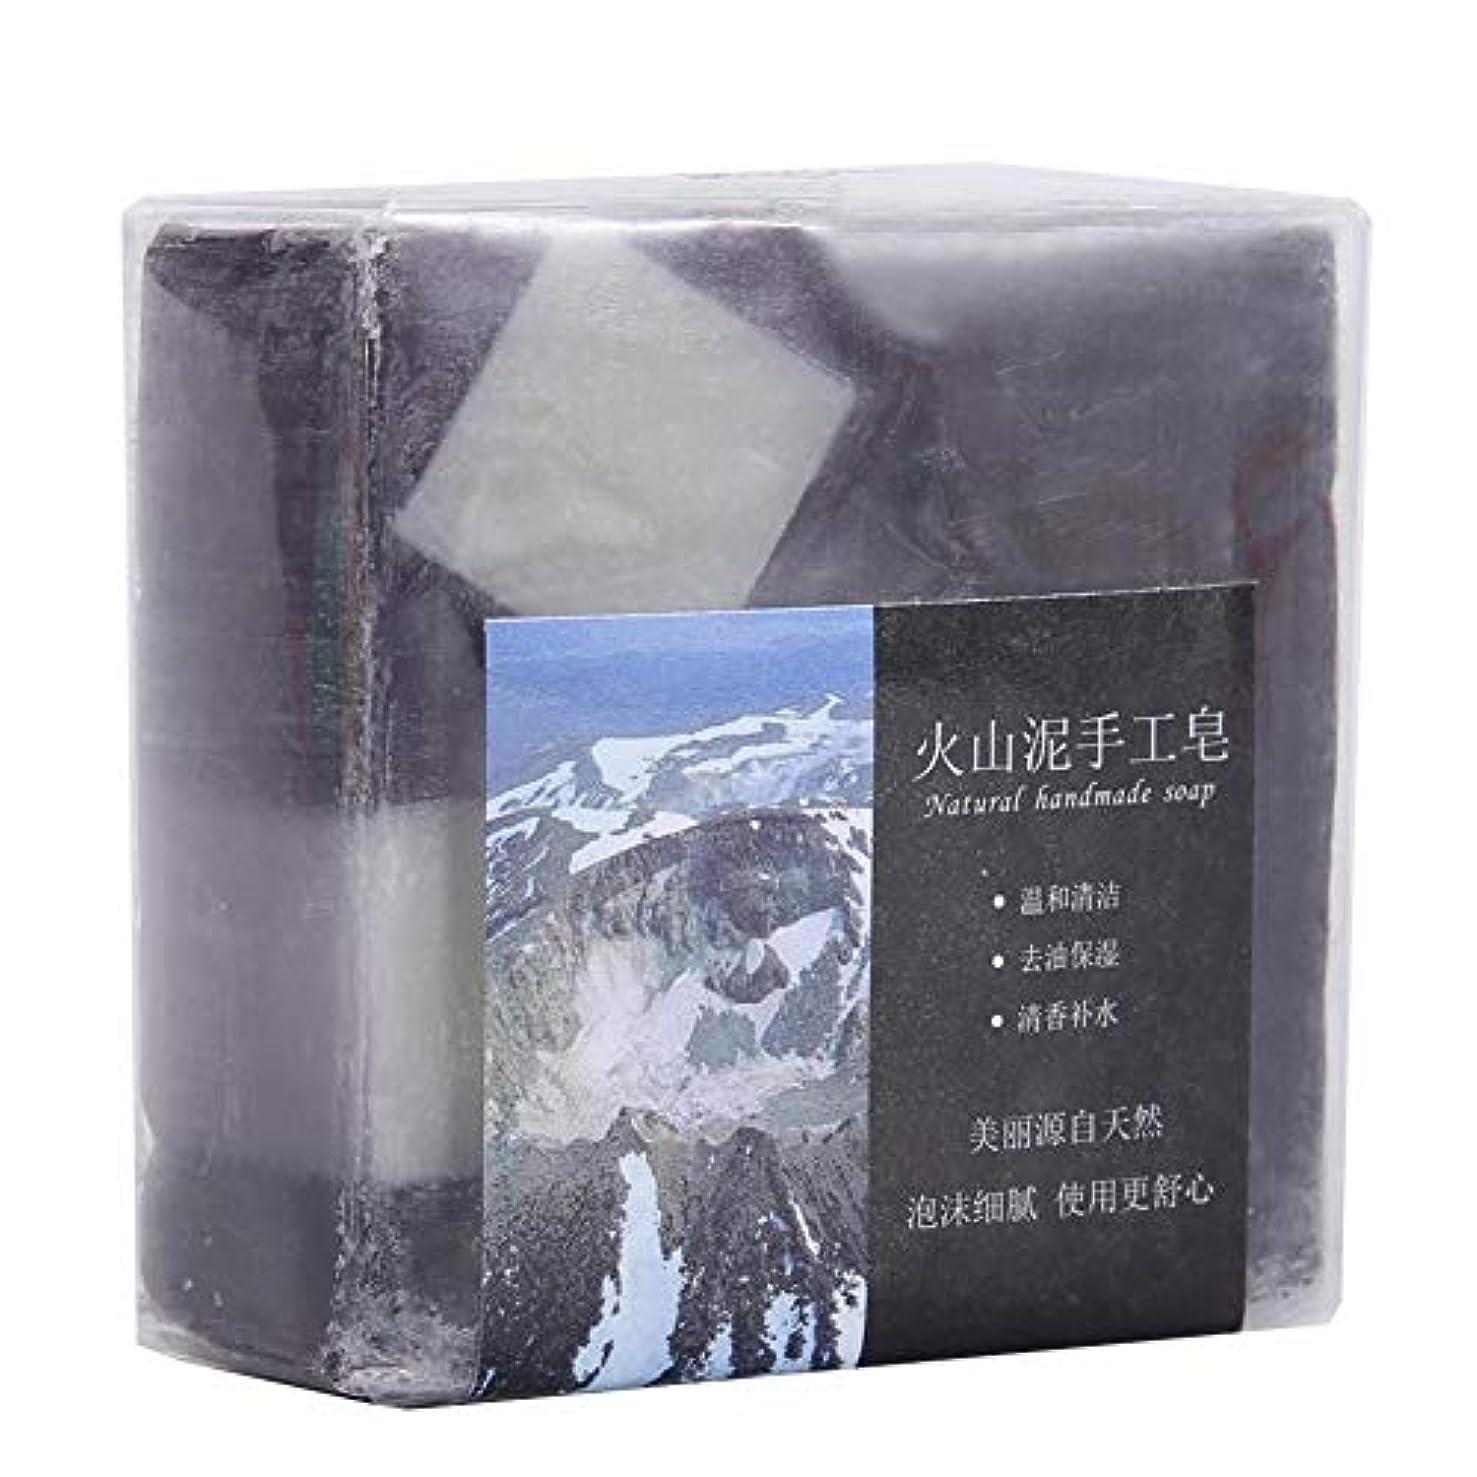 輝くクレーン哲学ディープクリーニング 火山泥 ハンドメイドグリース 保湿石鹸用 100 G 手作り石鹸